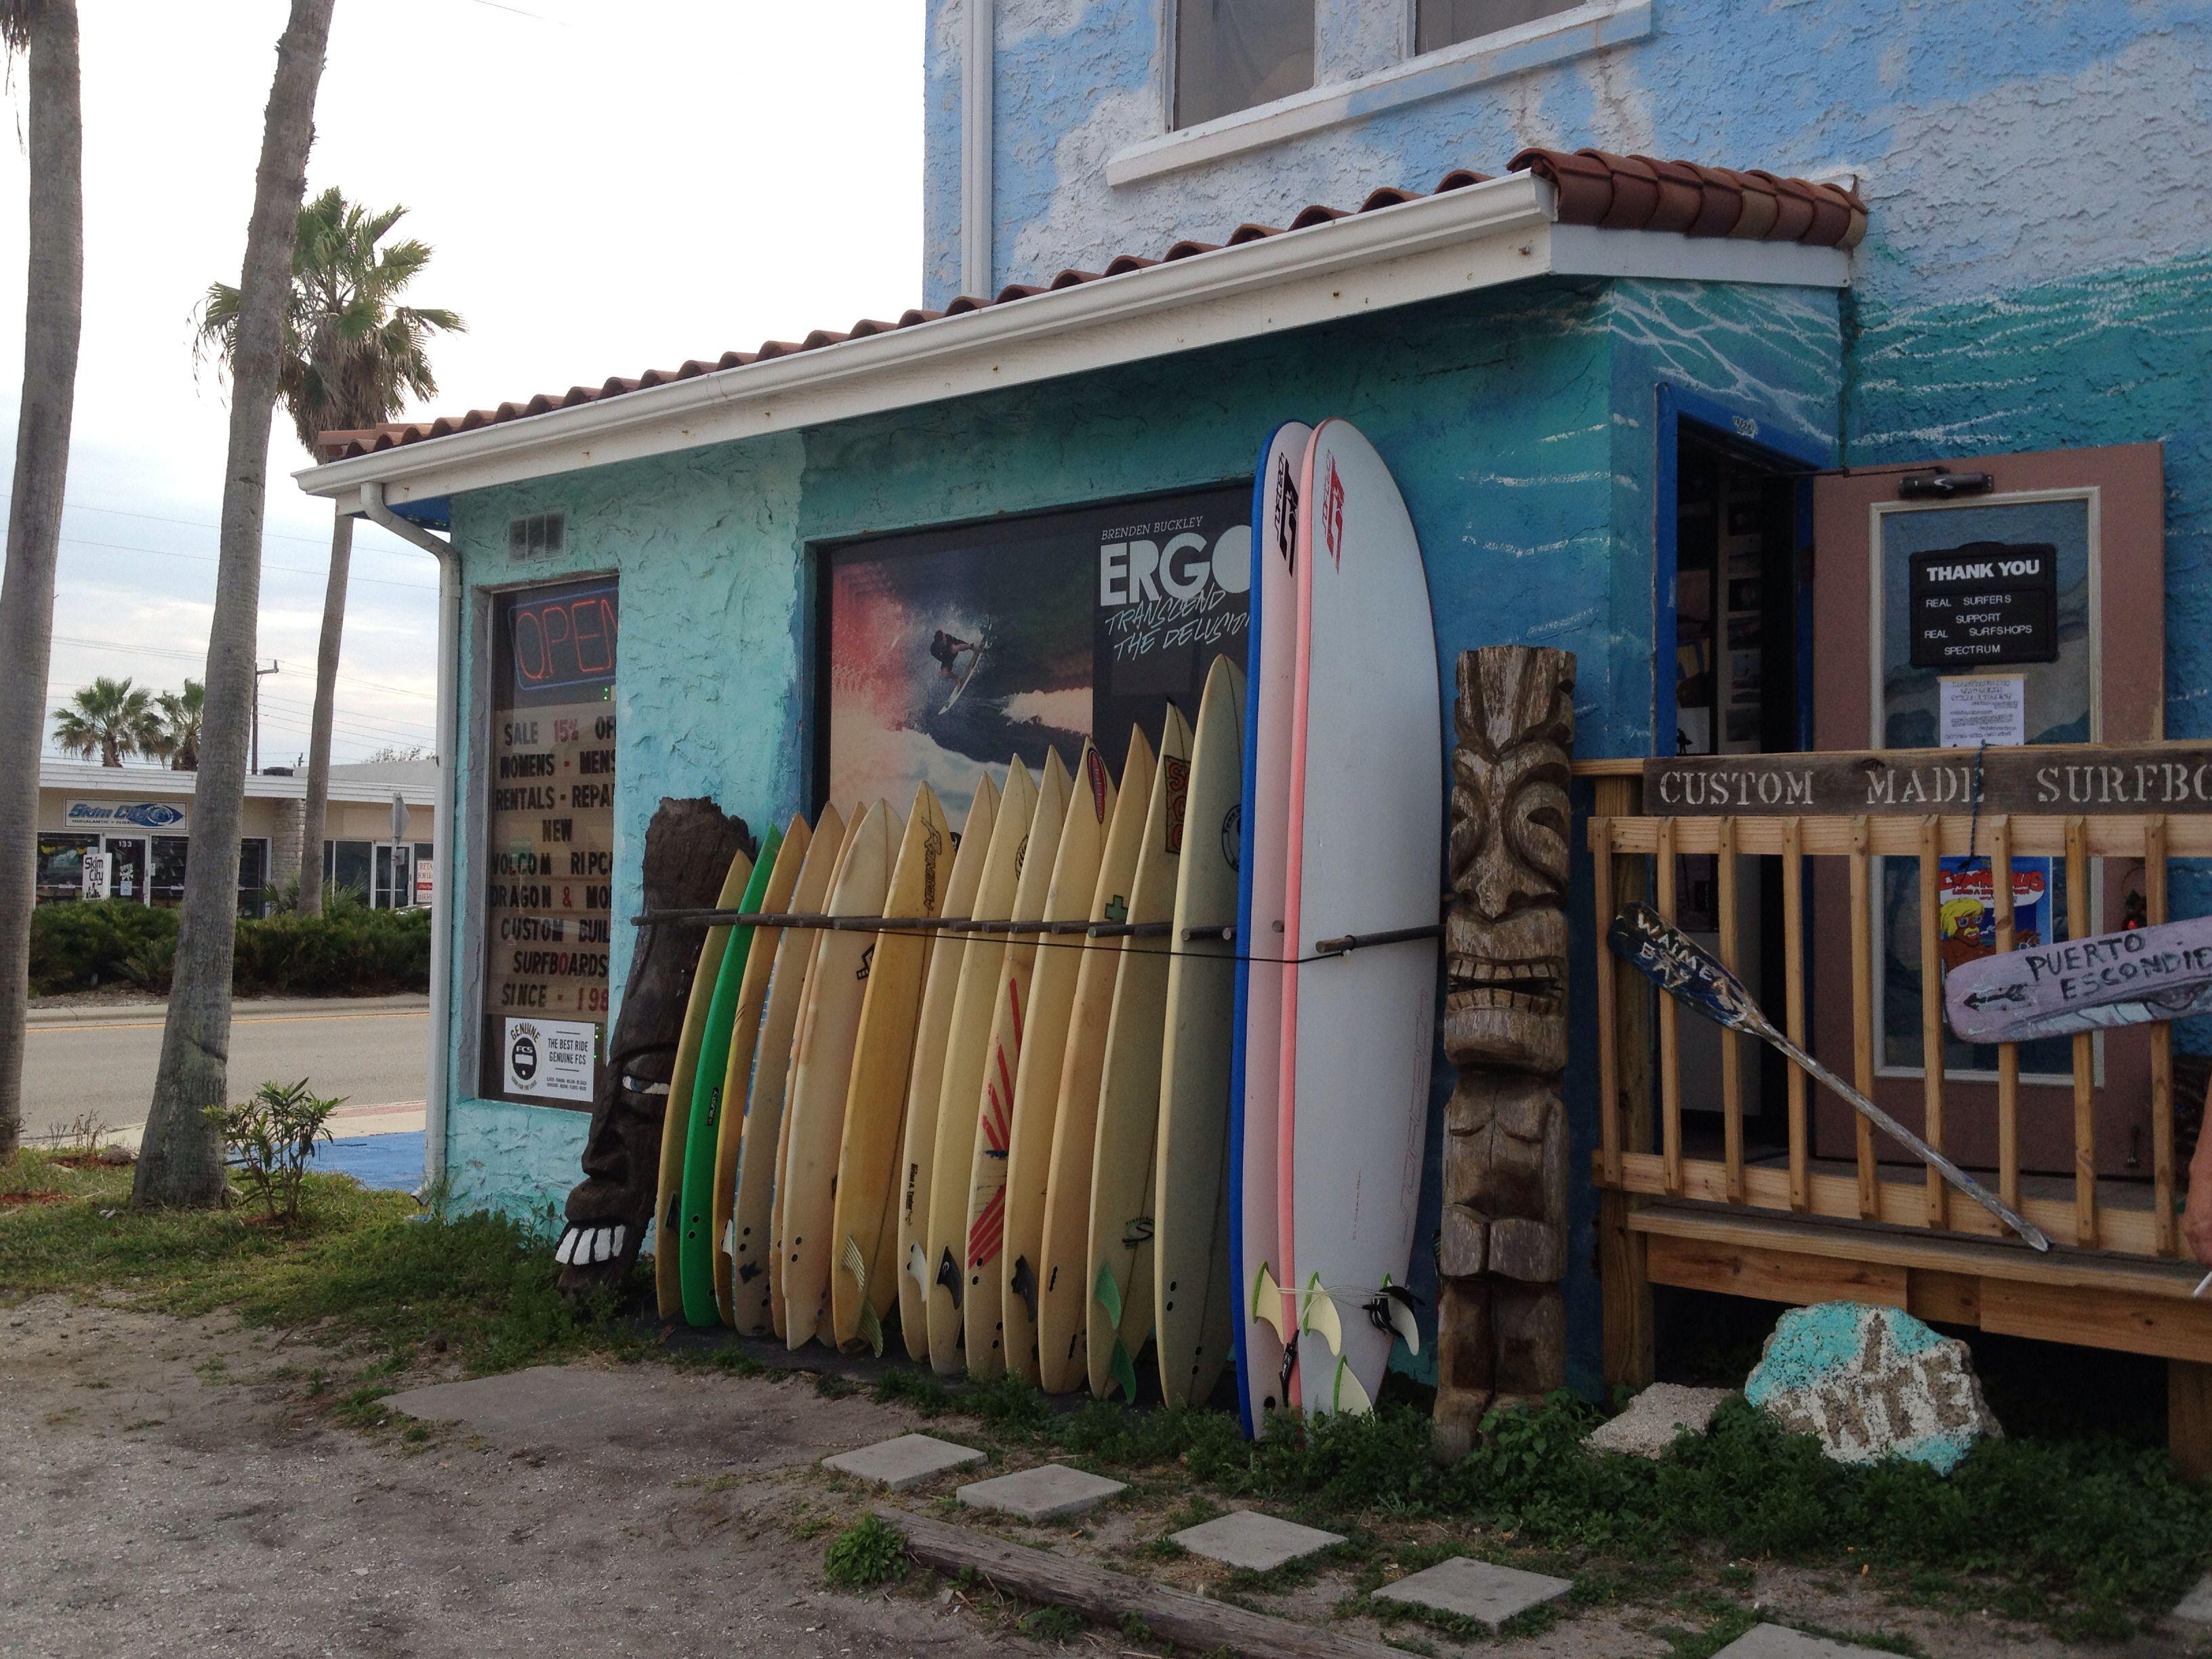 Pin By Zoe O Malley On Seasides Melbourne Beach Florida Melbourne Florida Brevard County Florida